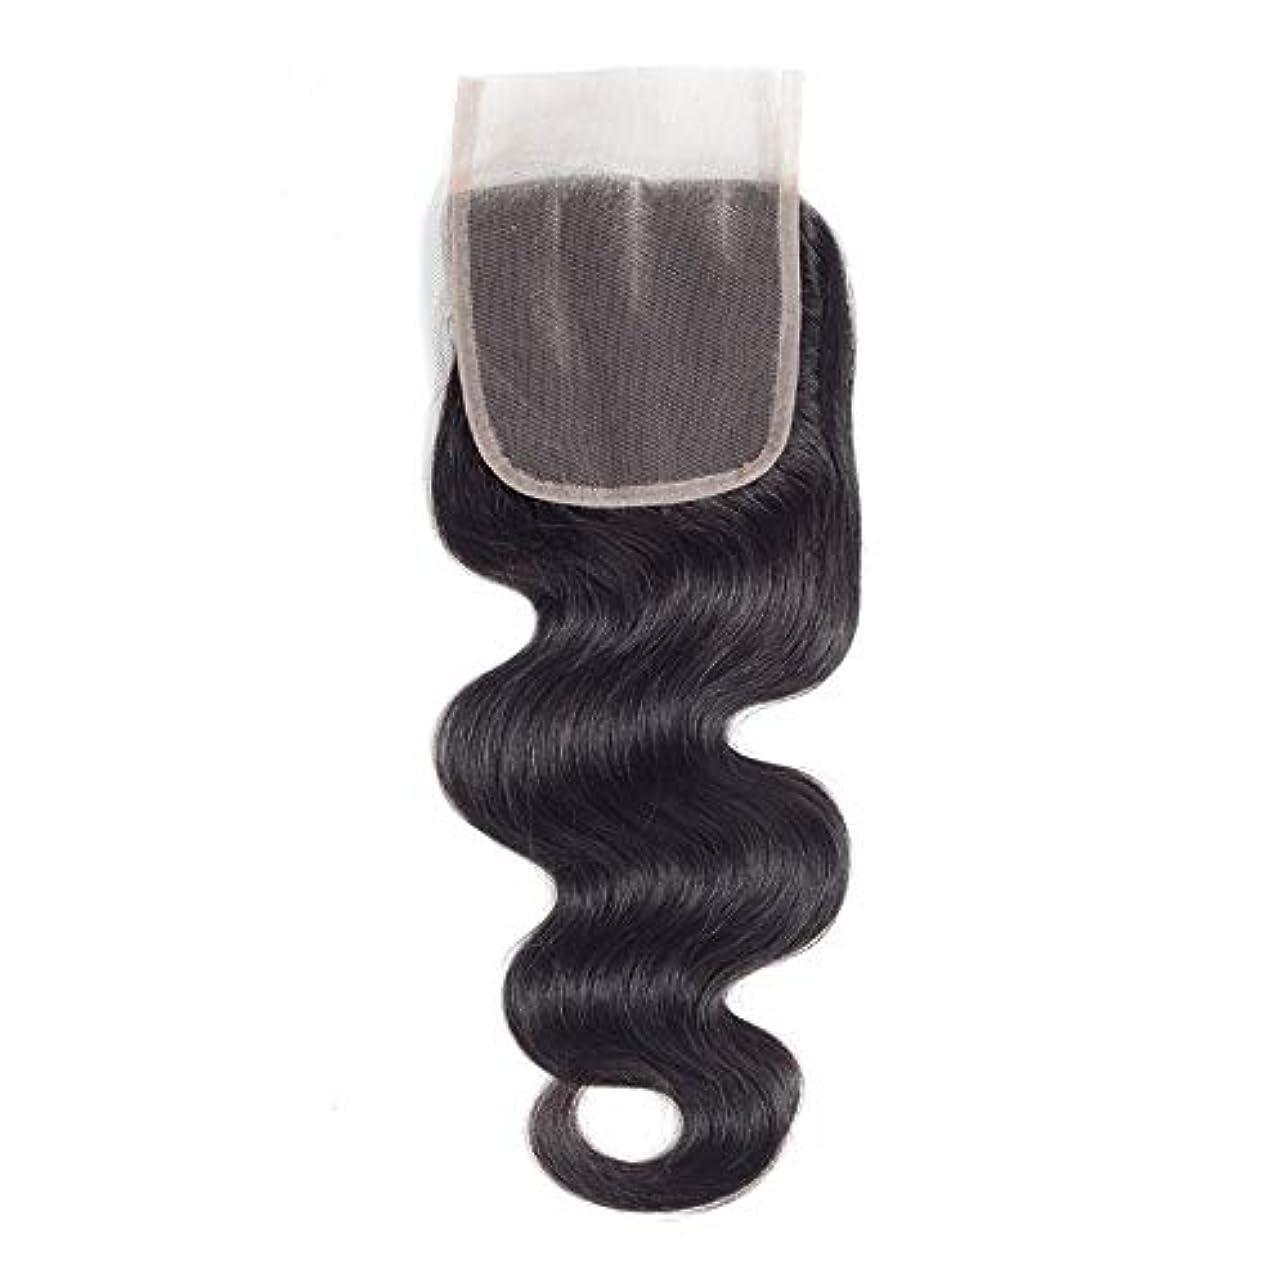 パークお客様少数HOHYLLYA ブラジル実体波巻き毛4 x 4インチレース閉鎖無料部分100%本物の人間の髪の毛の自然な色(8インチ-20インチ)長い巻き毛のかつら、 (色 : 黒, サイズ : 16 inch)